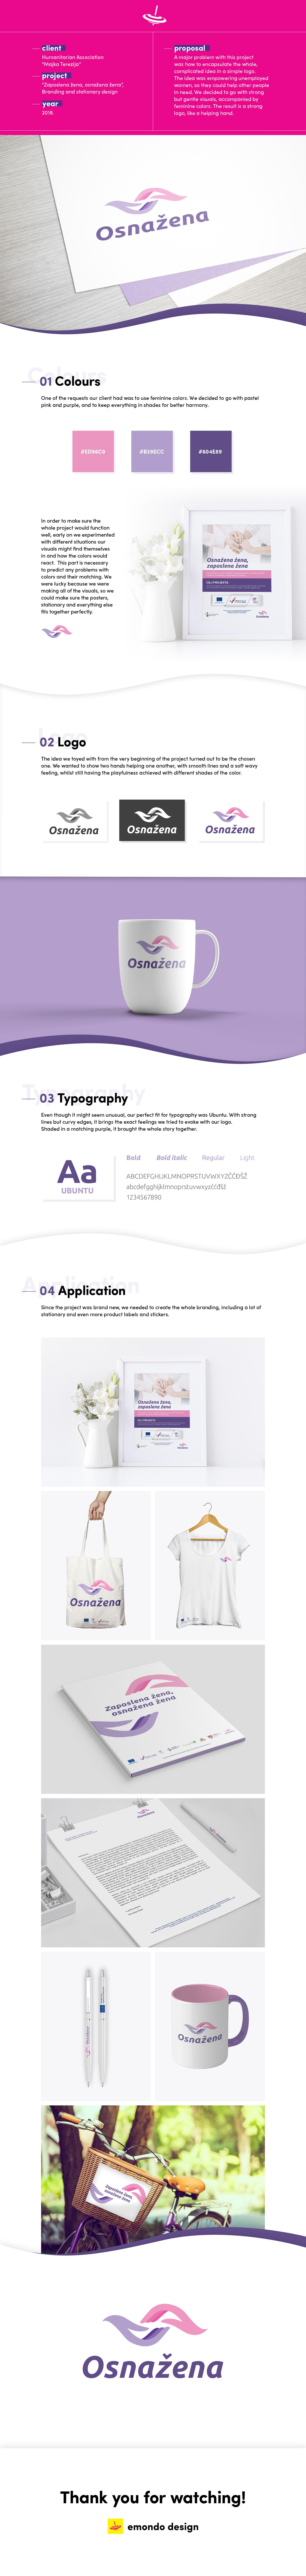 design branding  visual identity emondo design stationary logo EU project